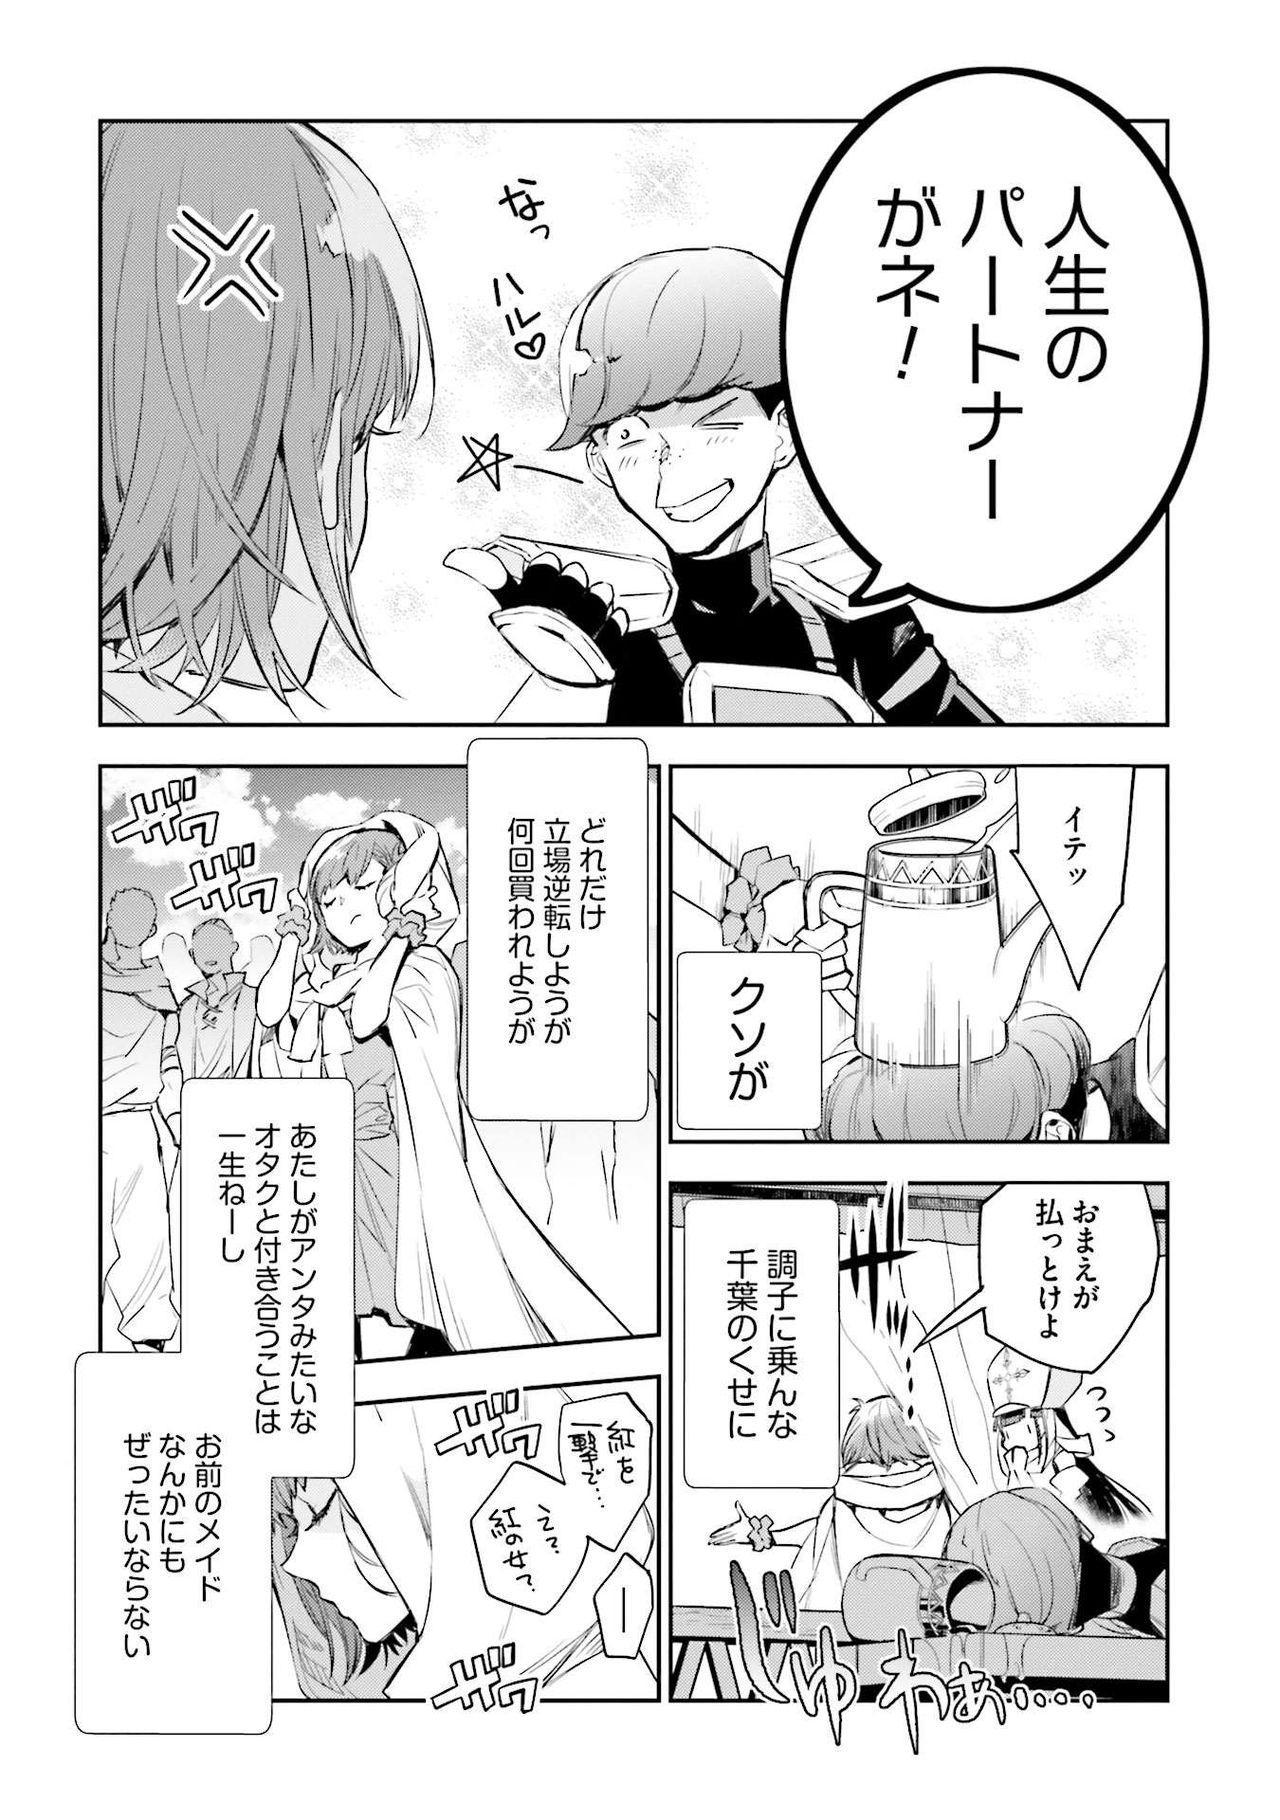 JK Haru wa Isekai de Shoufu ni Natta 1-14 149